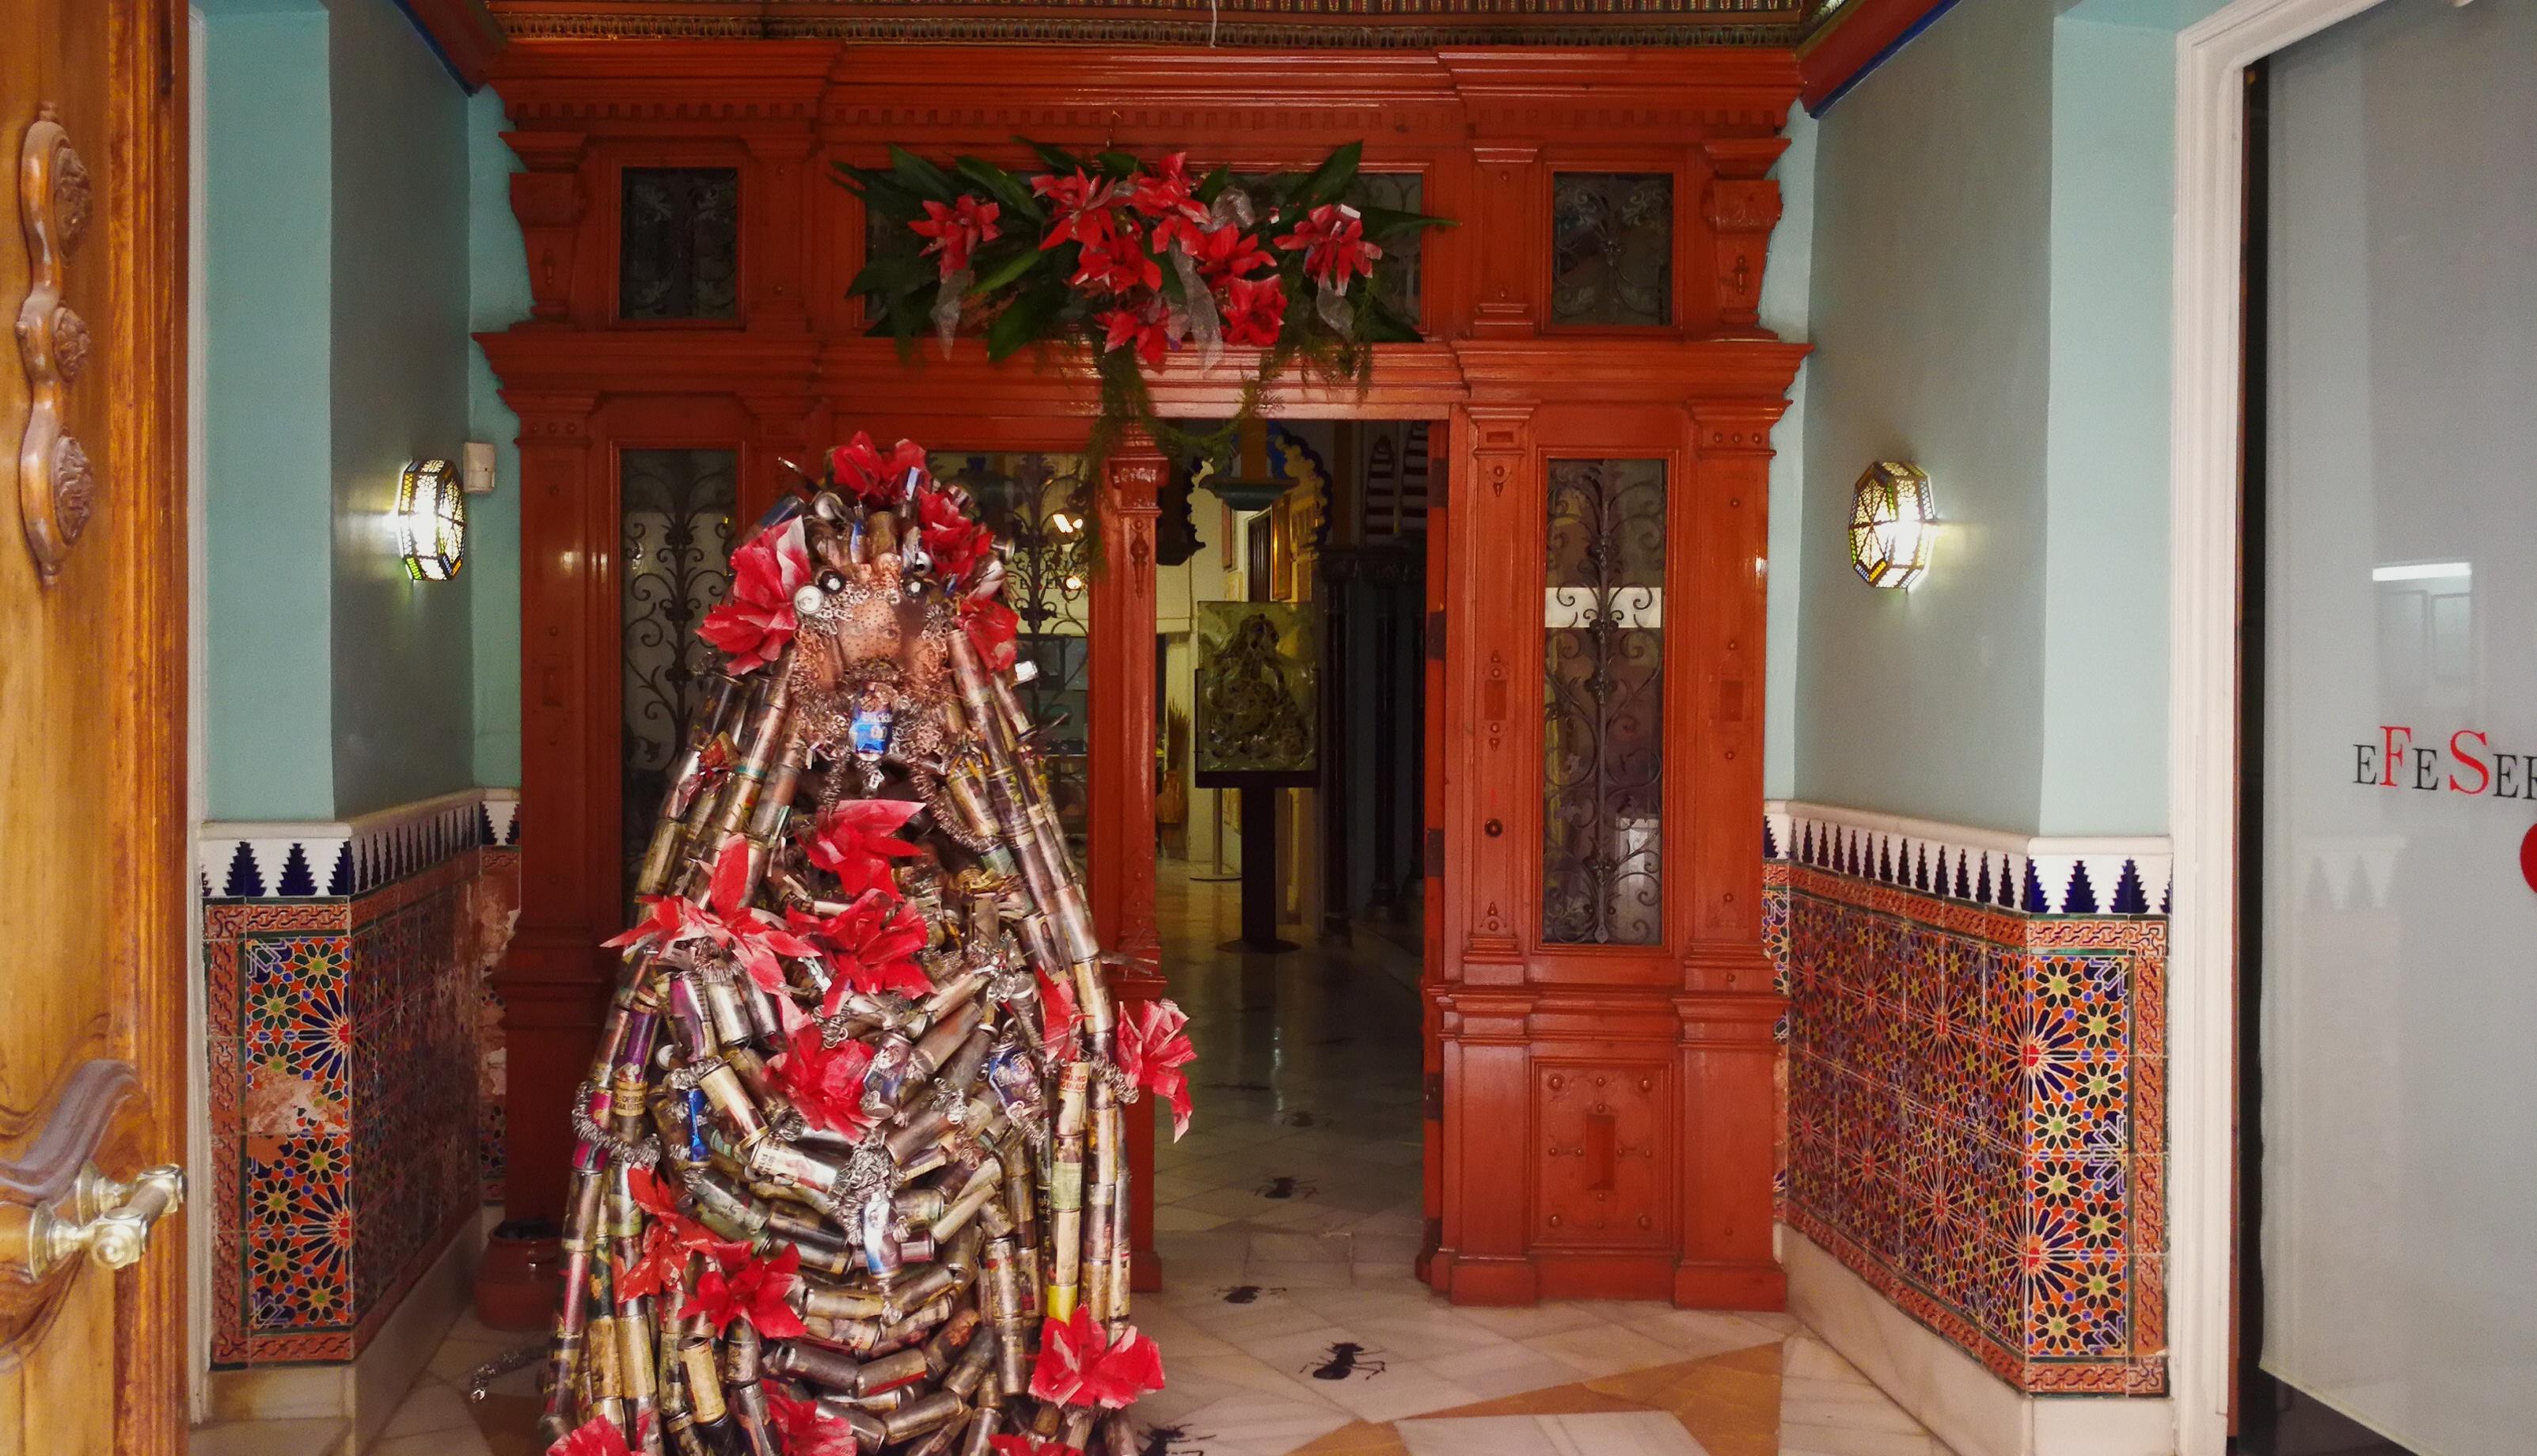 Fotografía de la entrada a la Galería eFe Serrano de Cieza.